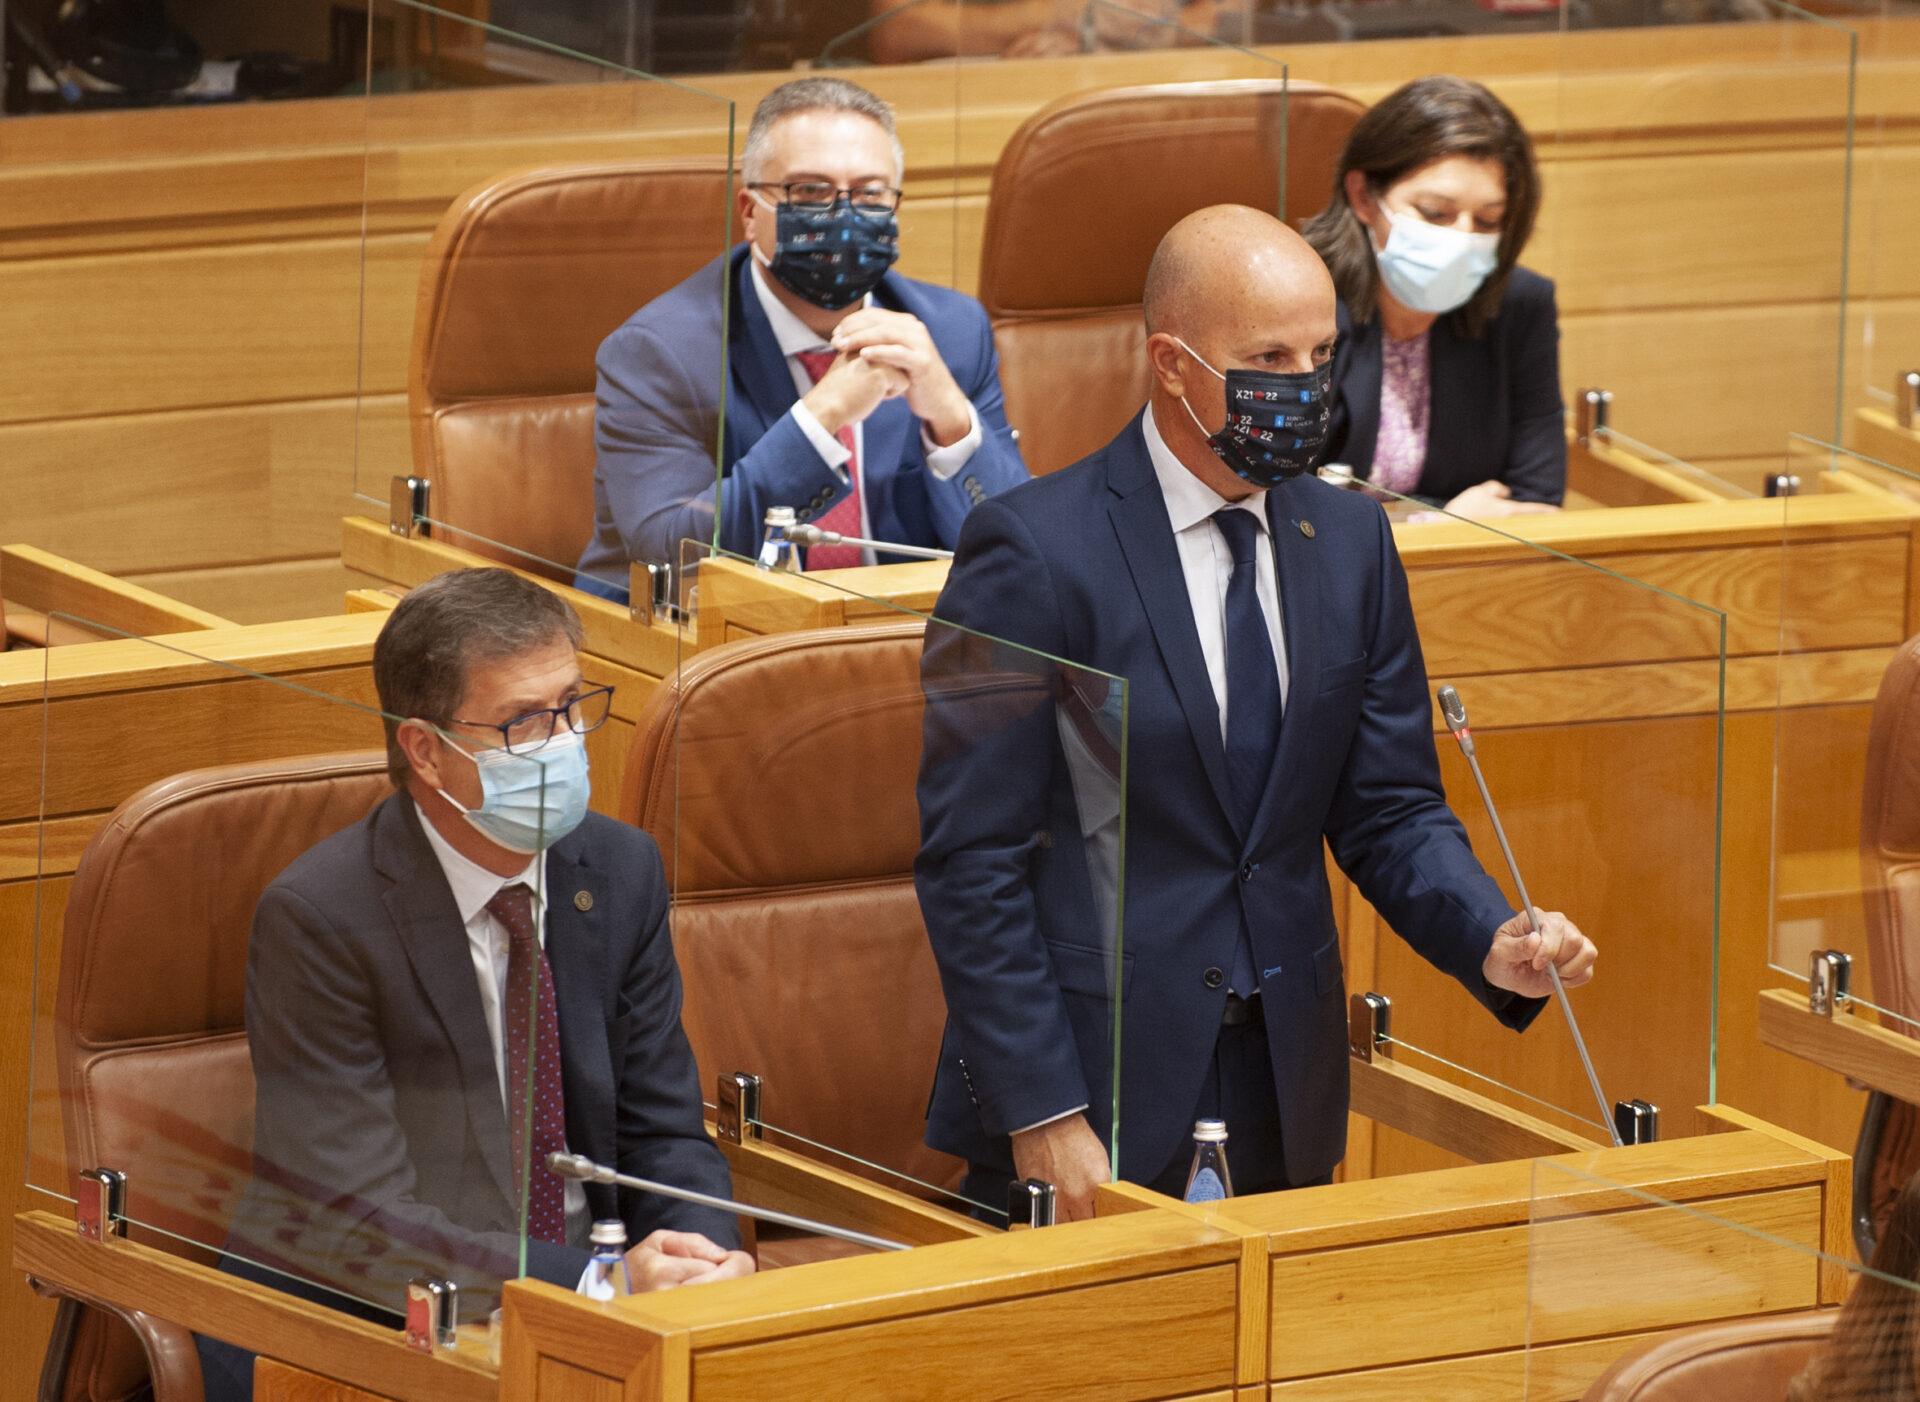 Moisés Rodríguez toma posesión de su acta en el Parlamento de Galicia